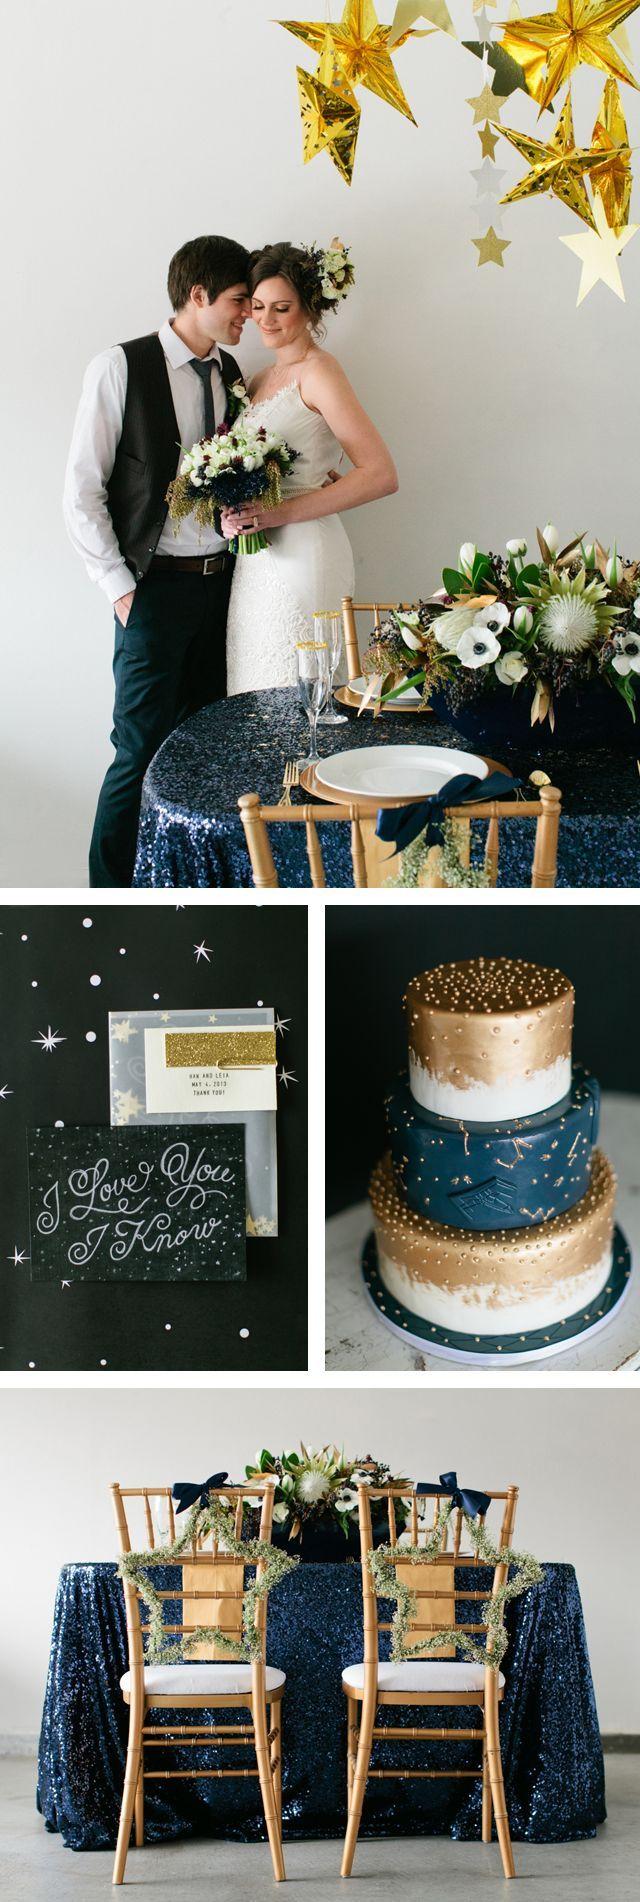 geek weddings star wars star trek and more star wars wedding bands Star Wars Wedding Inspiration Han Solo Princess